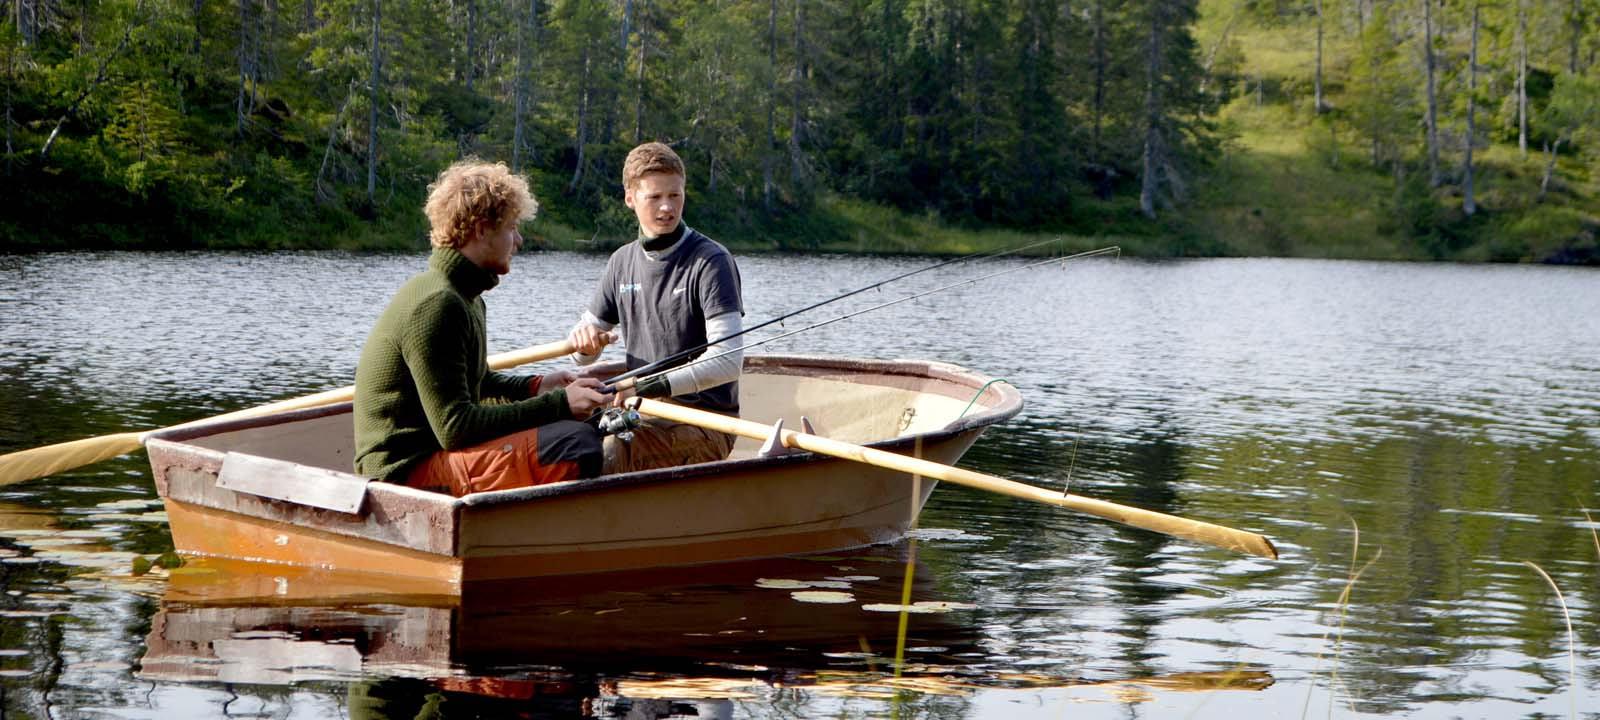 sjolberging-fiske